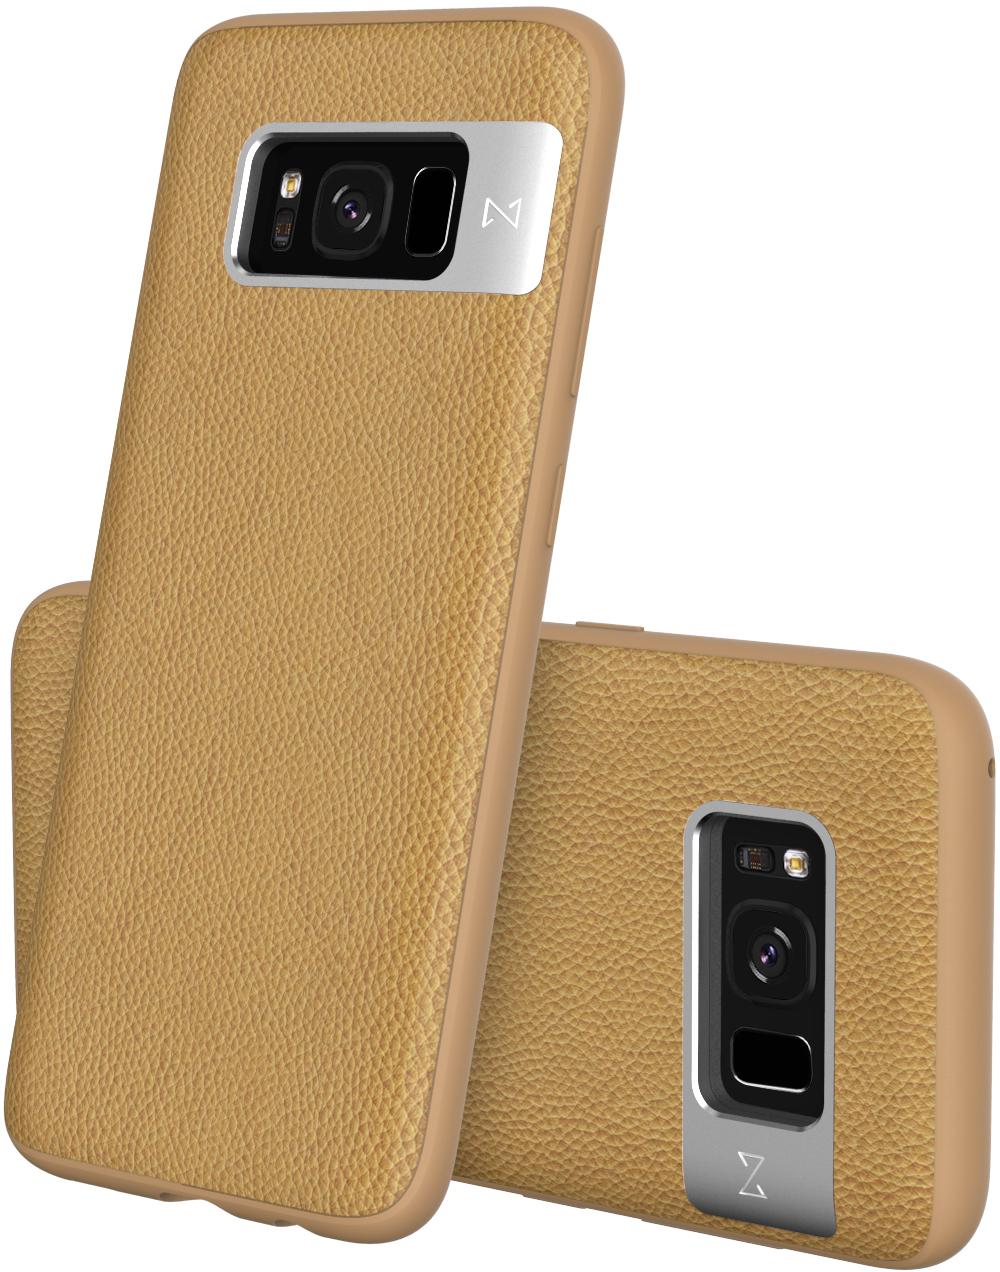 Matchnine Tailor чехол для Samsung Galaxy S8, Camel BrownENV022Чехол Matchnine Tailor - стильный аксессуар, обеспечивающий надежную защиту Samsung Galaxy S8 от ударов и других воздействий. Его задняя панель изготовлена из жесткого поликарбоната, стилизованного под кожу, а бампер - из эластичного полиуретана. Кроме того, он украшен металлической накладкой, обрамляющей камеру.Мягкая рамка позволяет быстро надевать клип-кейс. Она слегка выступает над экраном, защищая его от контактов с твердыми поверхностями.Несмотря на отличные защитные свойства, чехол практически не увеличивает размеры устройства. С ним мобильный девайс можно носить в кармане или в специальном отделении сумки. Вырезы в клип-кейсе предоставляют доступ к важнейшим деталям смартфона, включая камеры, кнопки и разъемы.